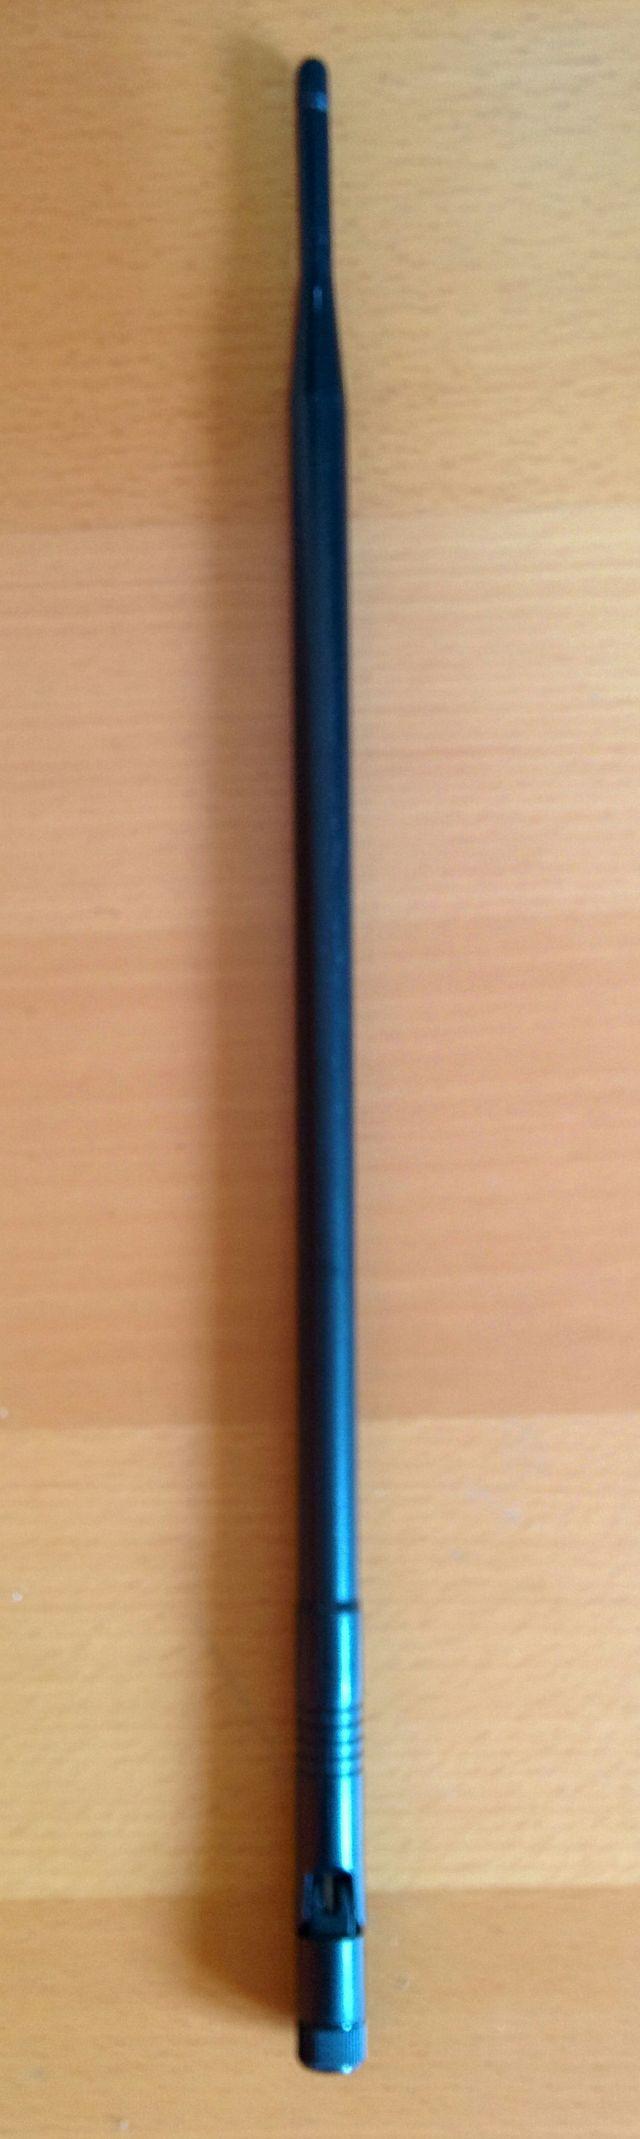 Antena WiFi SMA